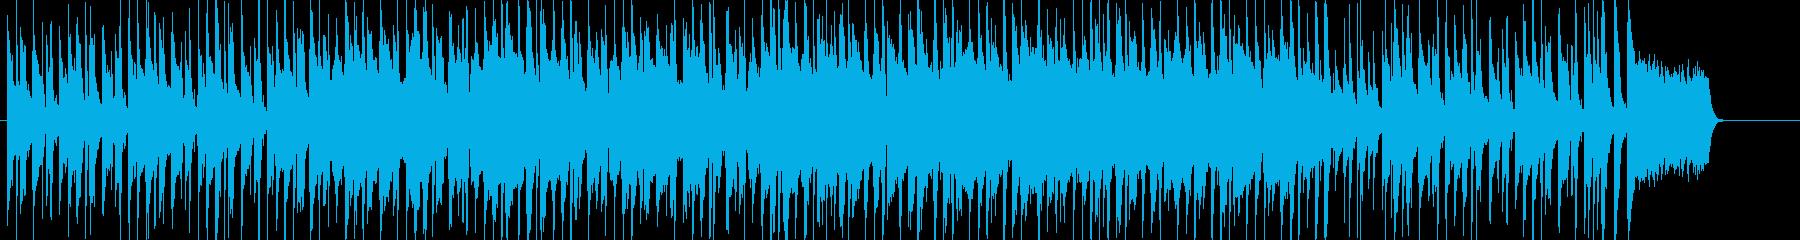 軽快に跳ねるようなわくわくポップスの再生済みの波形